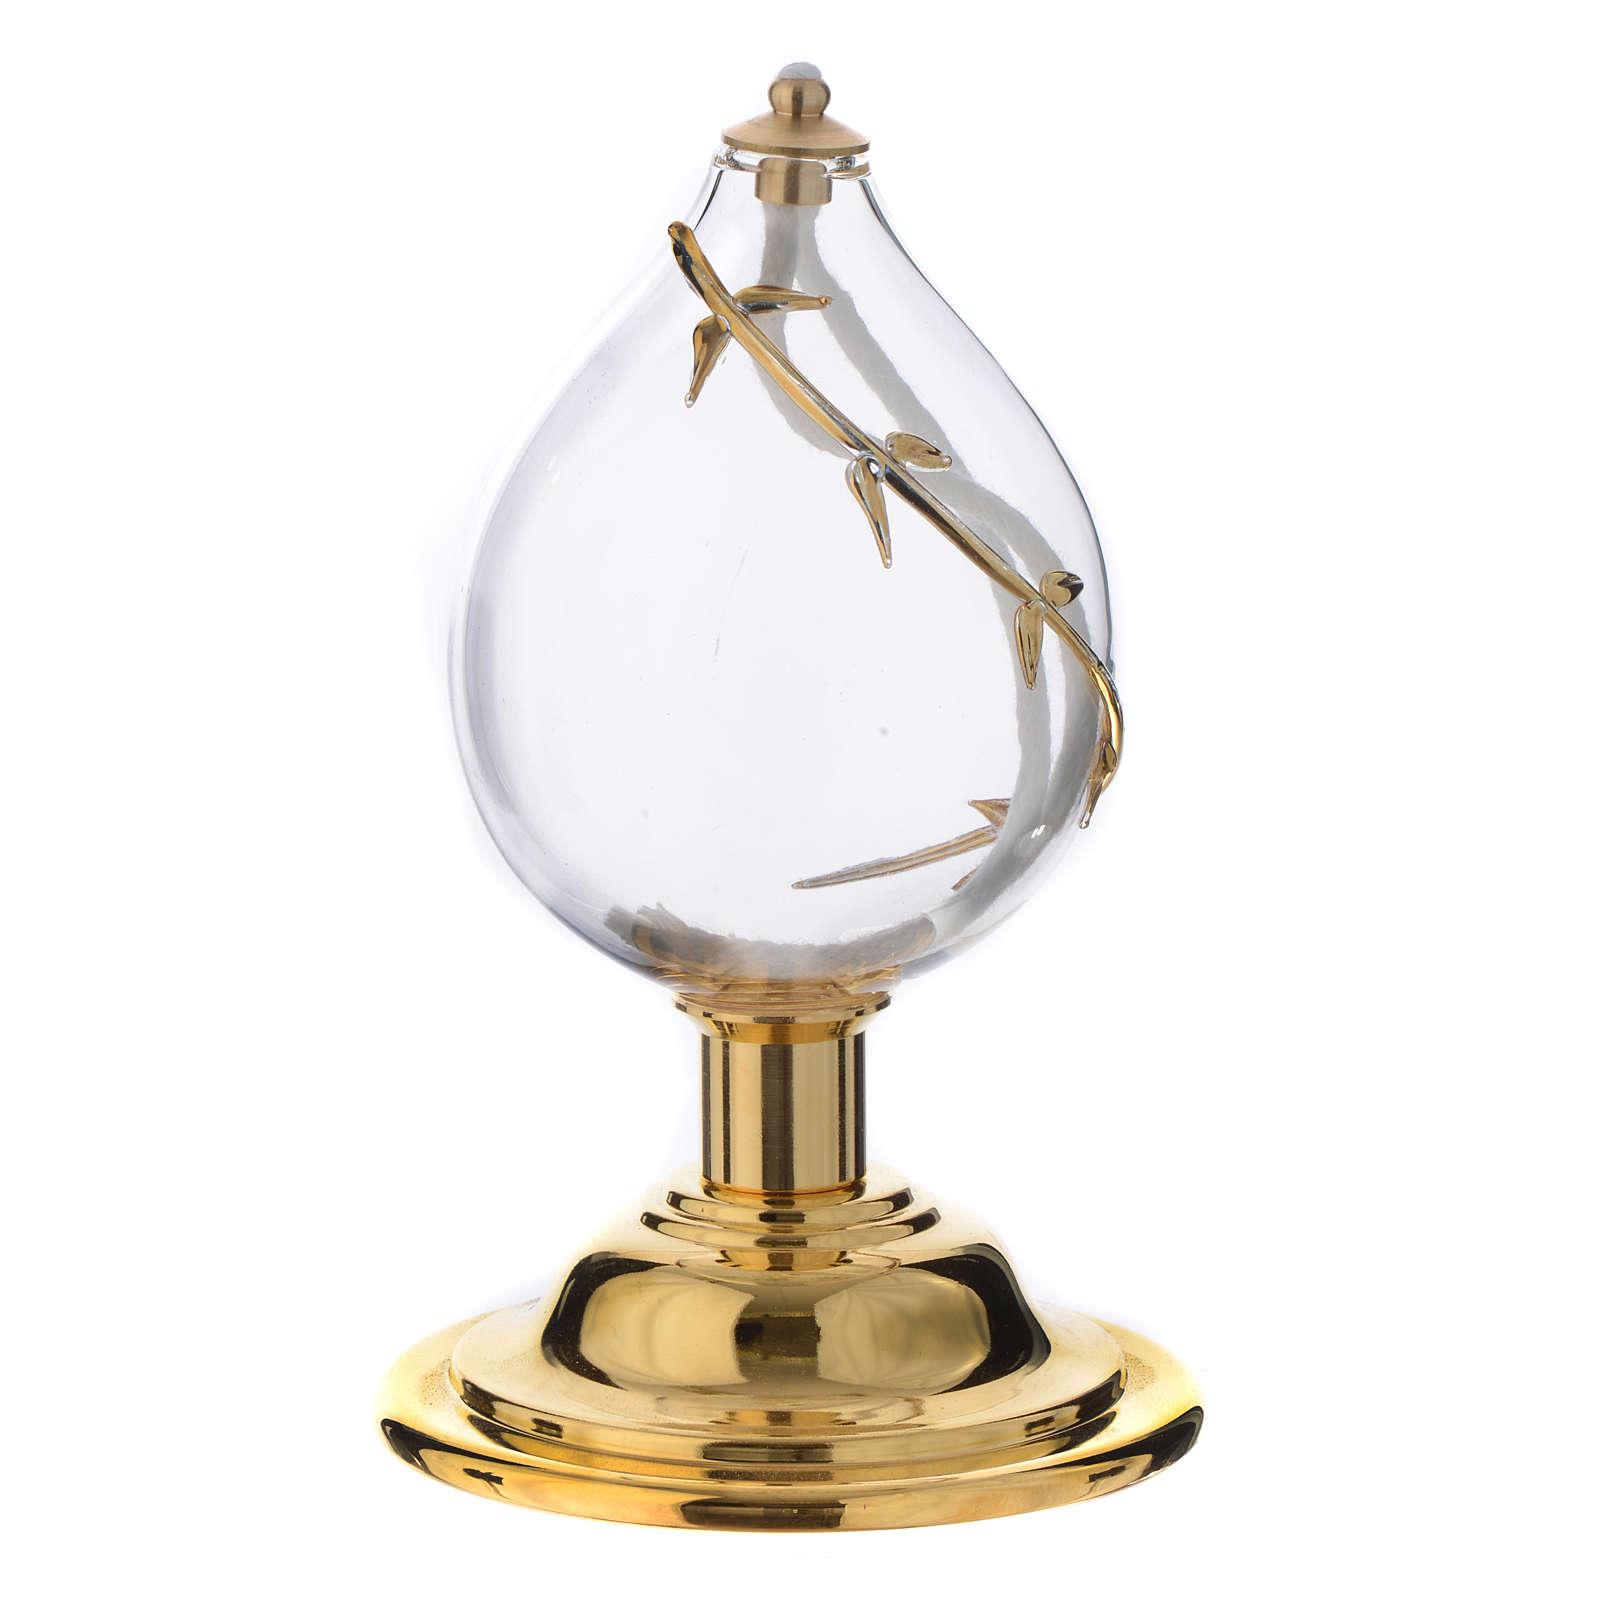 Lanterne goutte cristal soufflé décors dorés 3